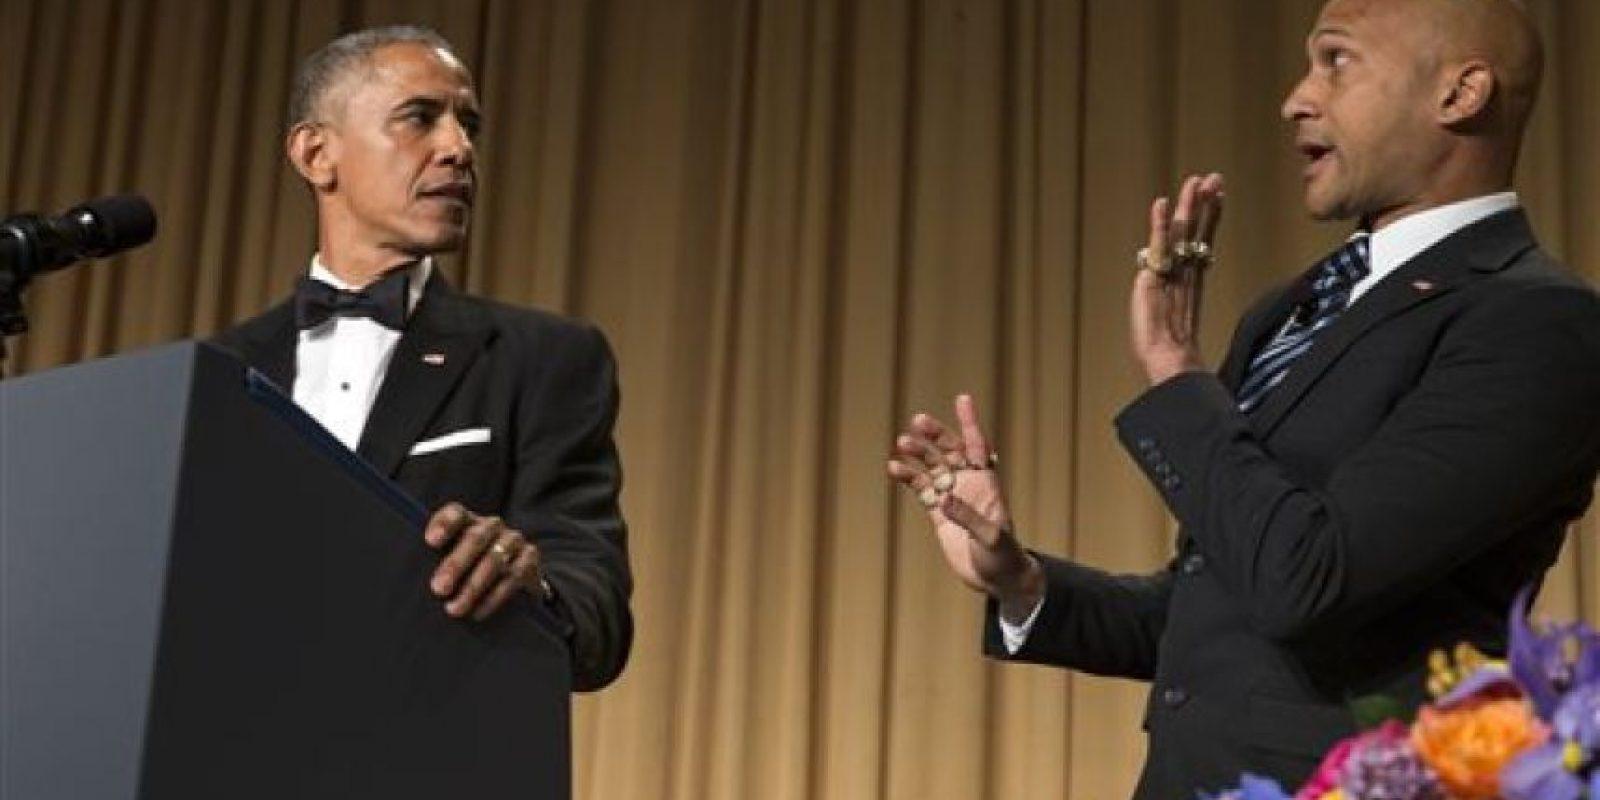 También se burló de los fallos del Servicio Secreto por protegerle. Foto:vía AP